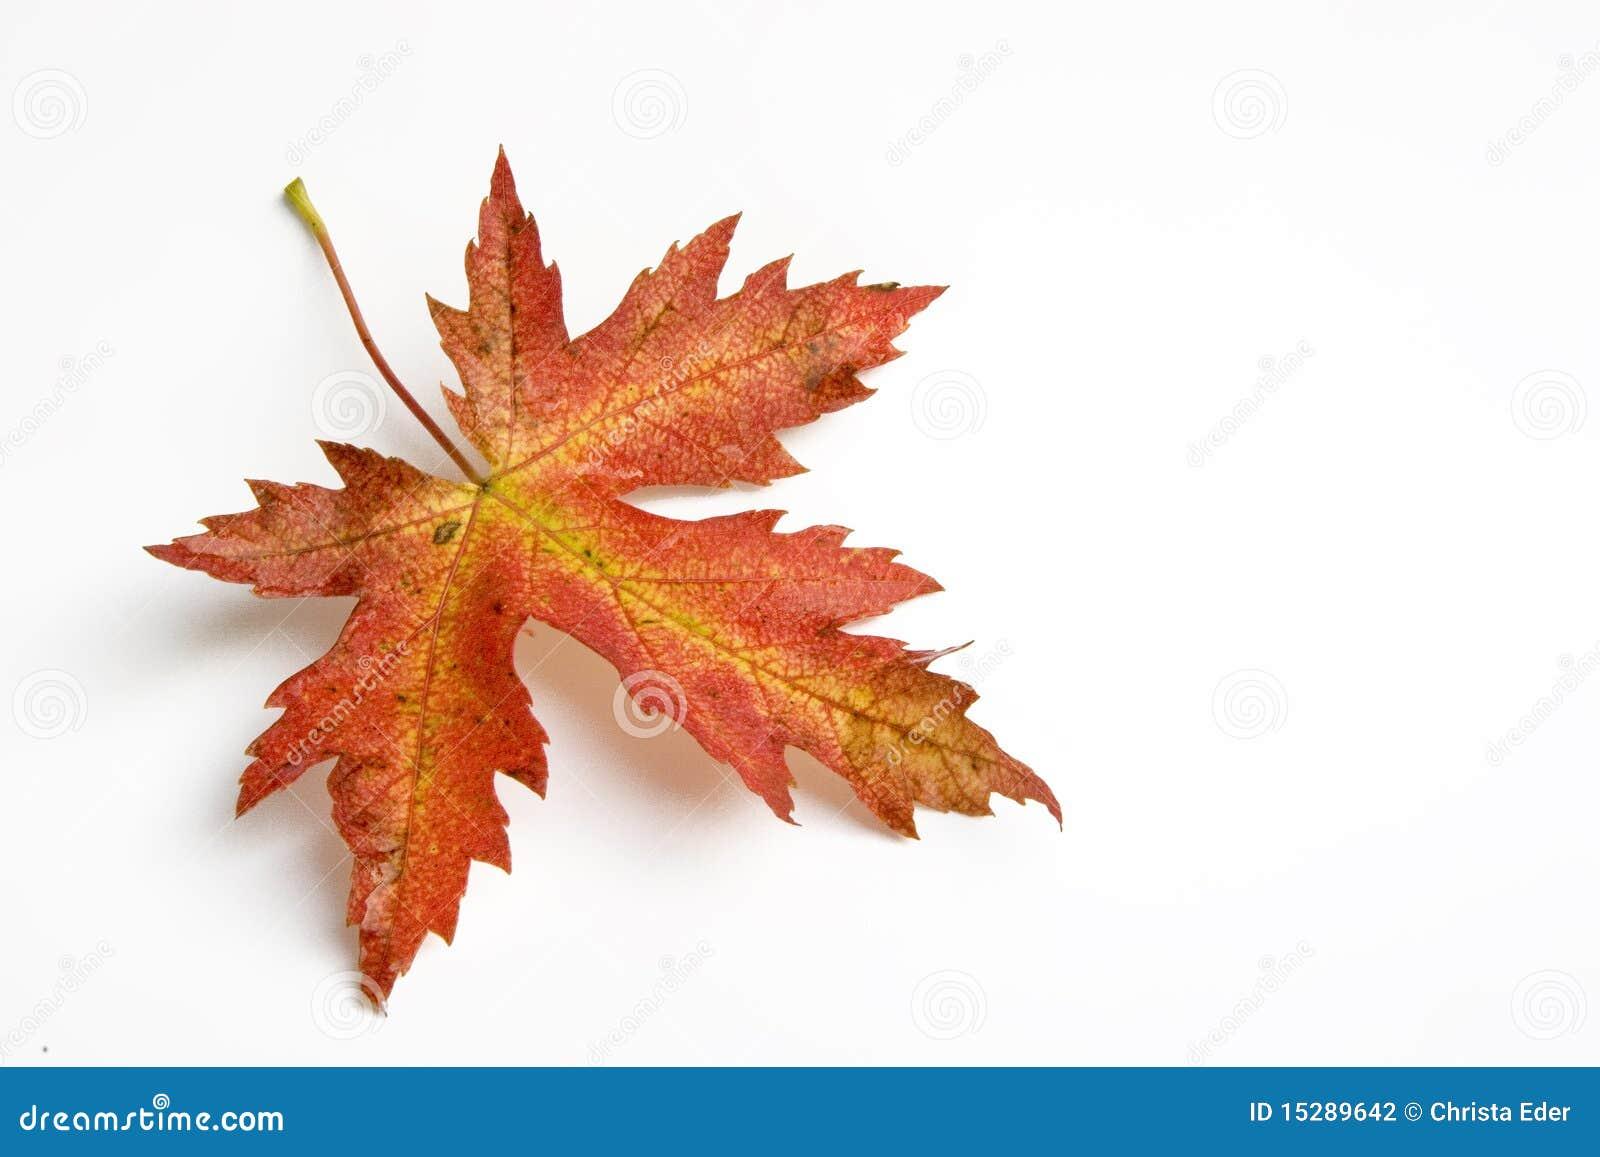 autumn leaf stock photo  image of foliage  leaf  isolation